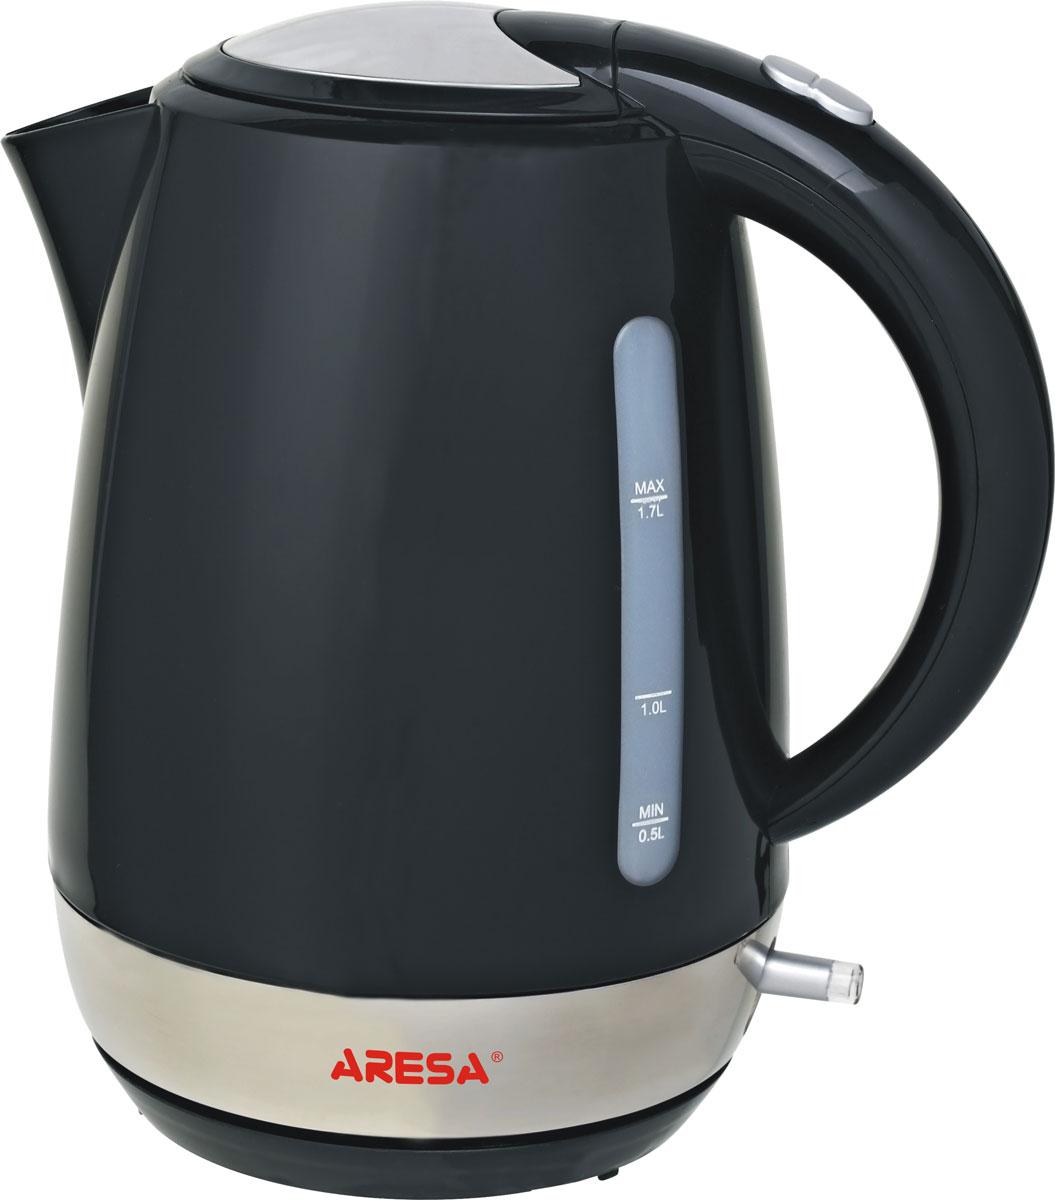 Aresa AR-3422 чайник электрическийAR-3422Надежный электрический чайник Aresa AR-3422 в корпусе из качественного пластика. Прибор оснащен скрытым нагревательным элементом и позволяет вскипятить до 1,7 литра воды за 3-5 минут. Данная модель оснащена светоиндикатором работы, поворотной подставкой с вращением на 360° и фильтром от накипи. Для обеспечения безопасности при повседневном использовании предусмотрены функция автовыключения, защита от перегрева, а также блокировка включения без воды.